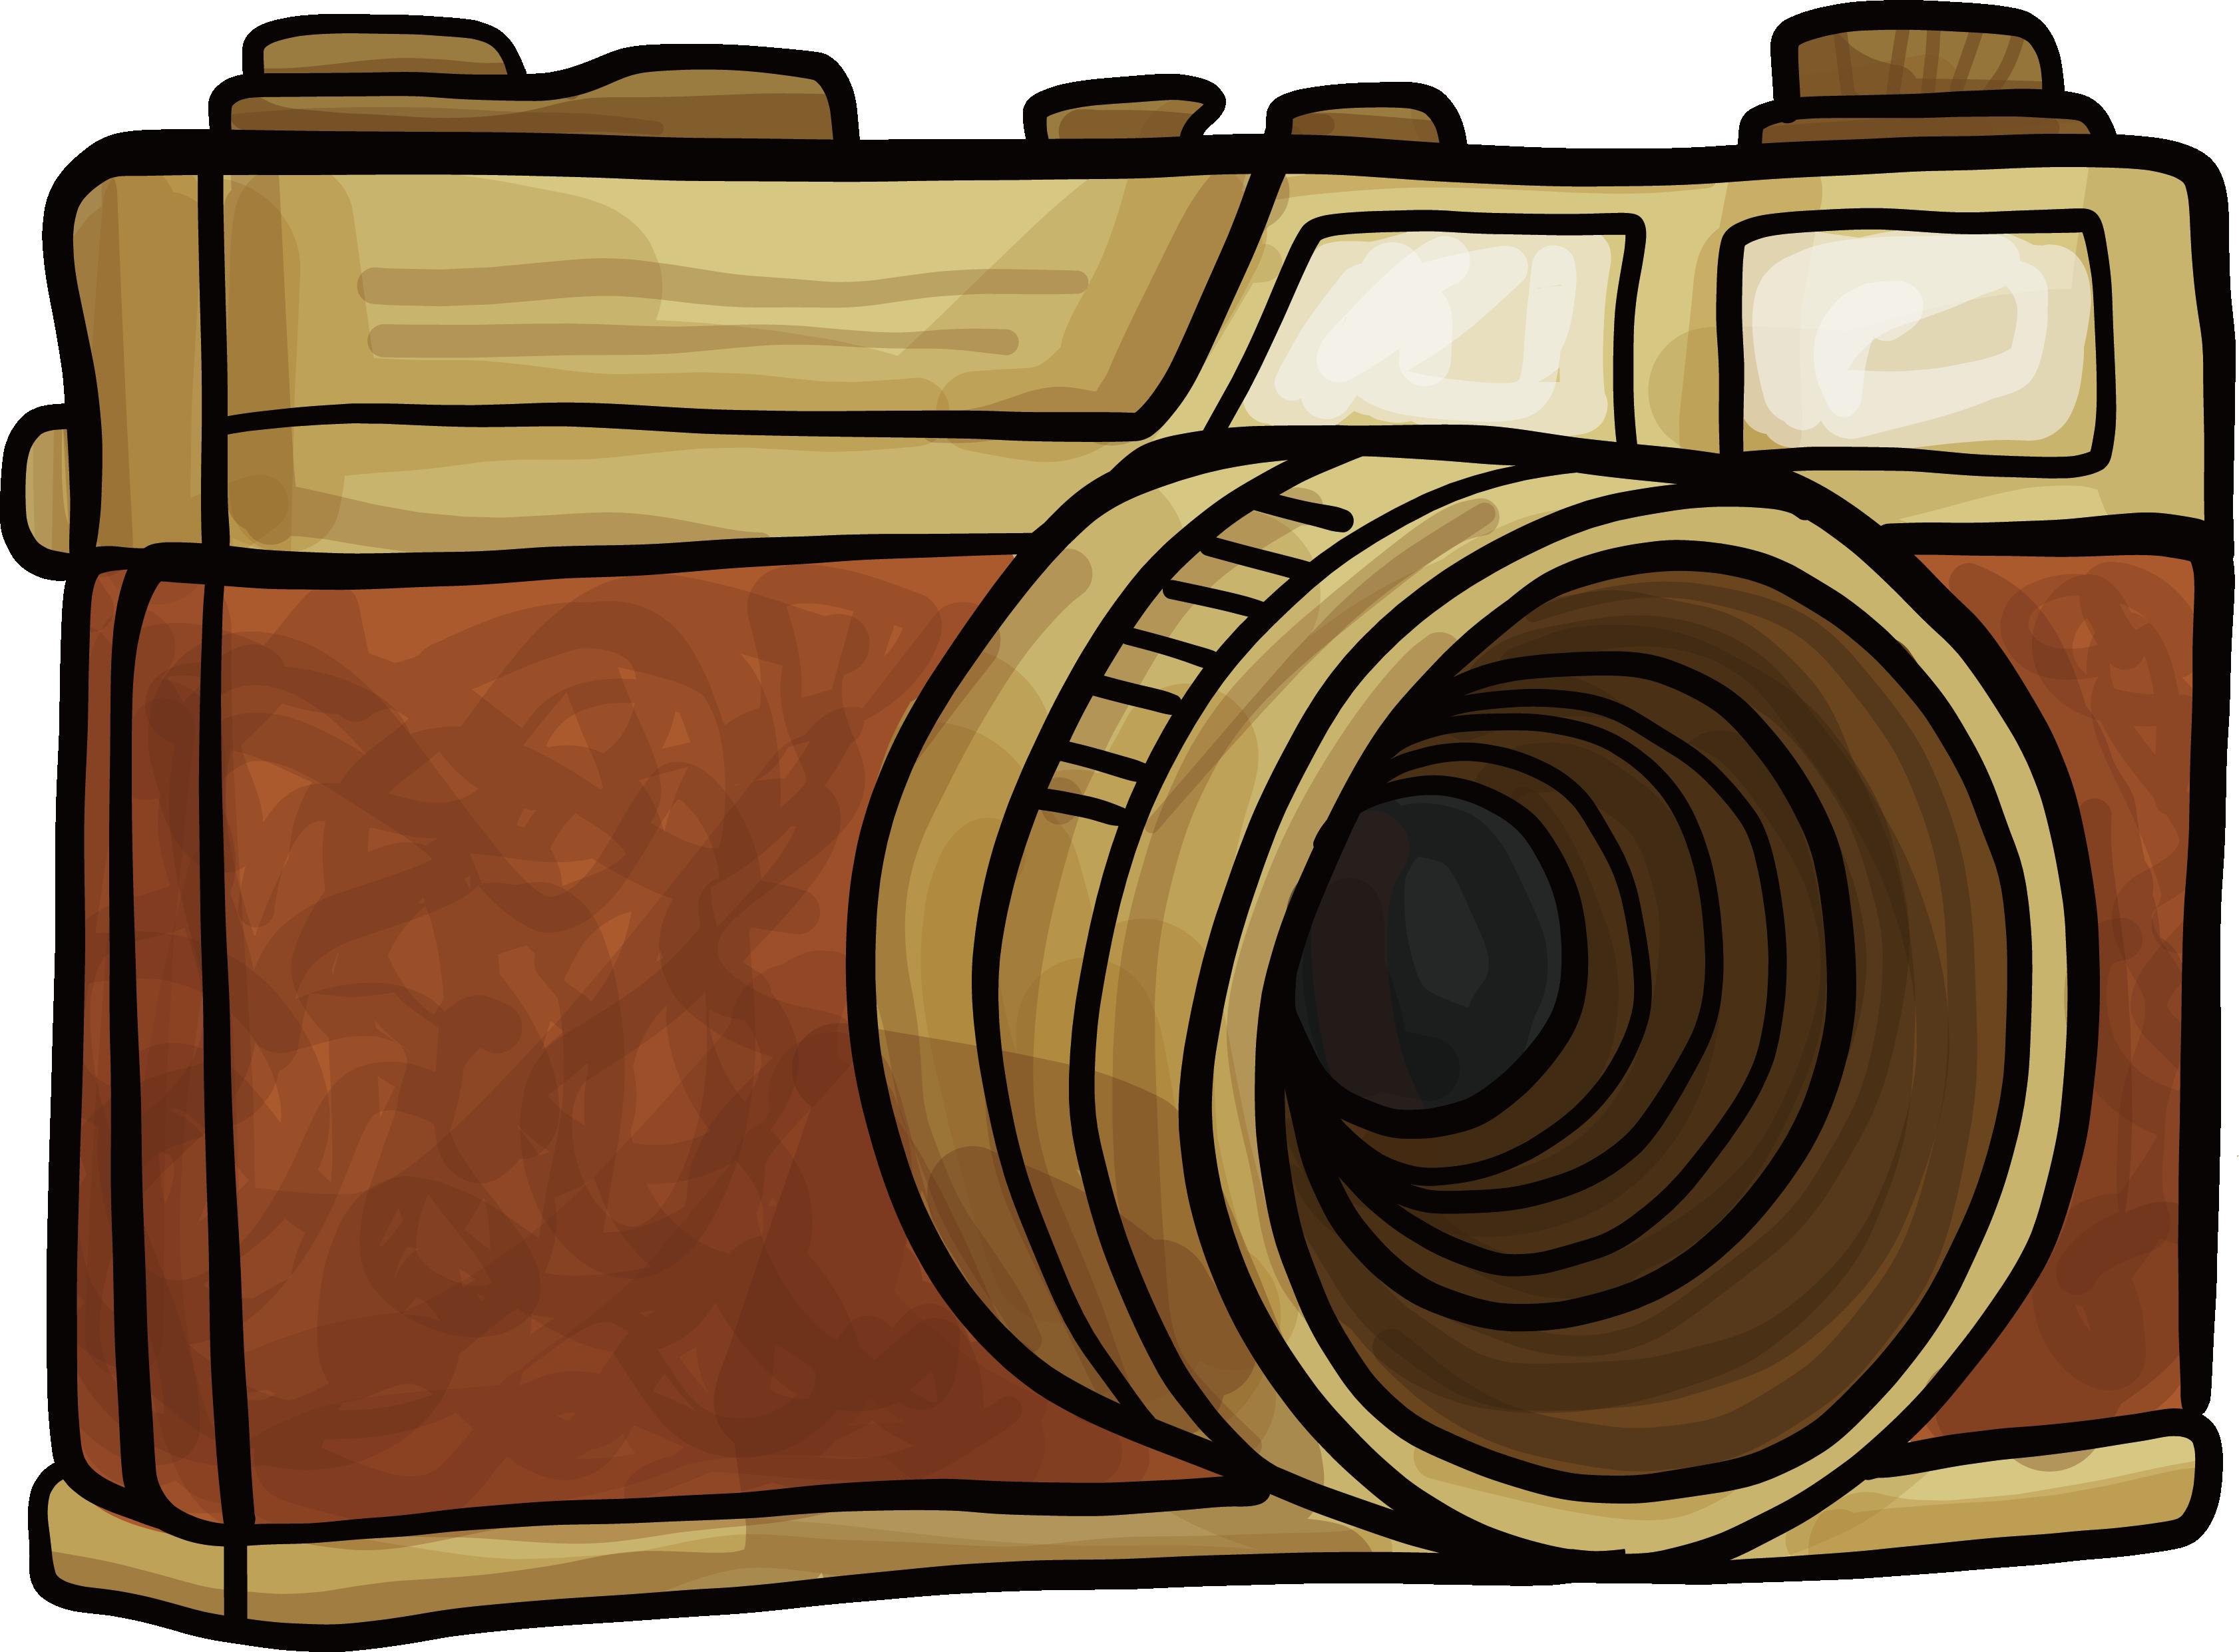 Digital cameras brown hand. Camera clip art retro camera